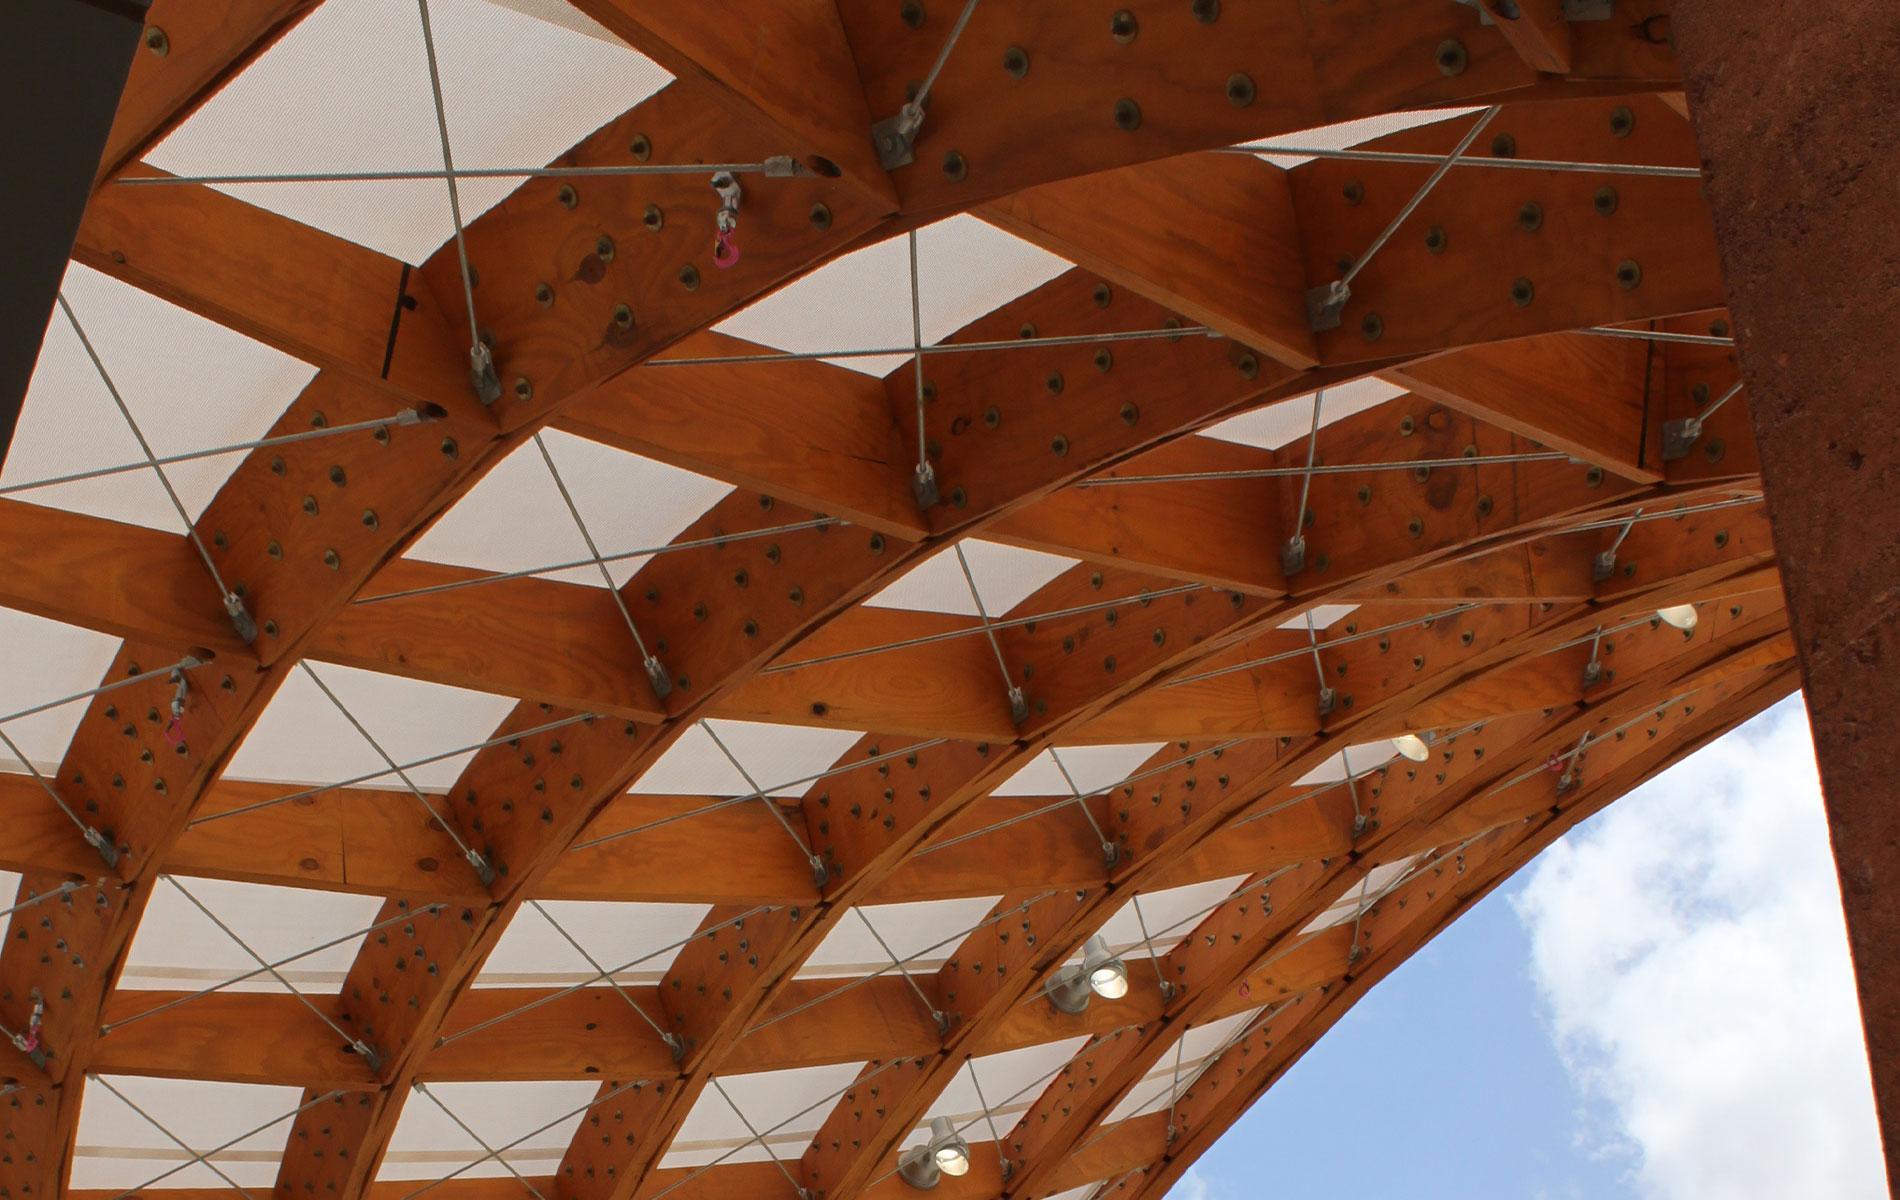 South Hedland Amphitheatre, WA